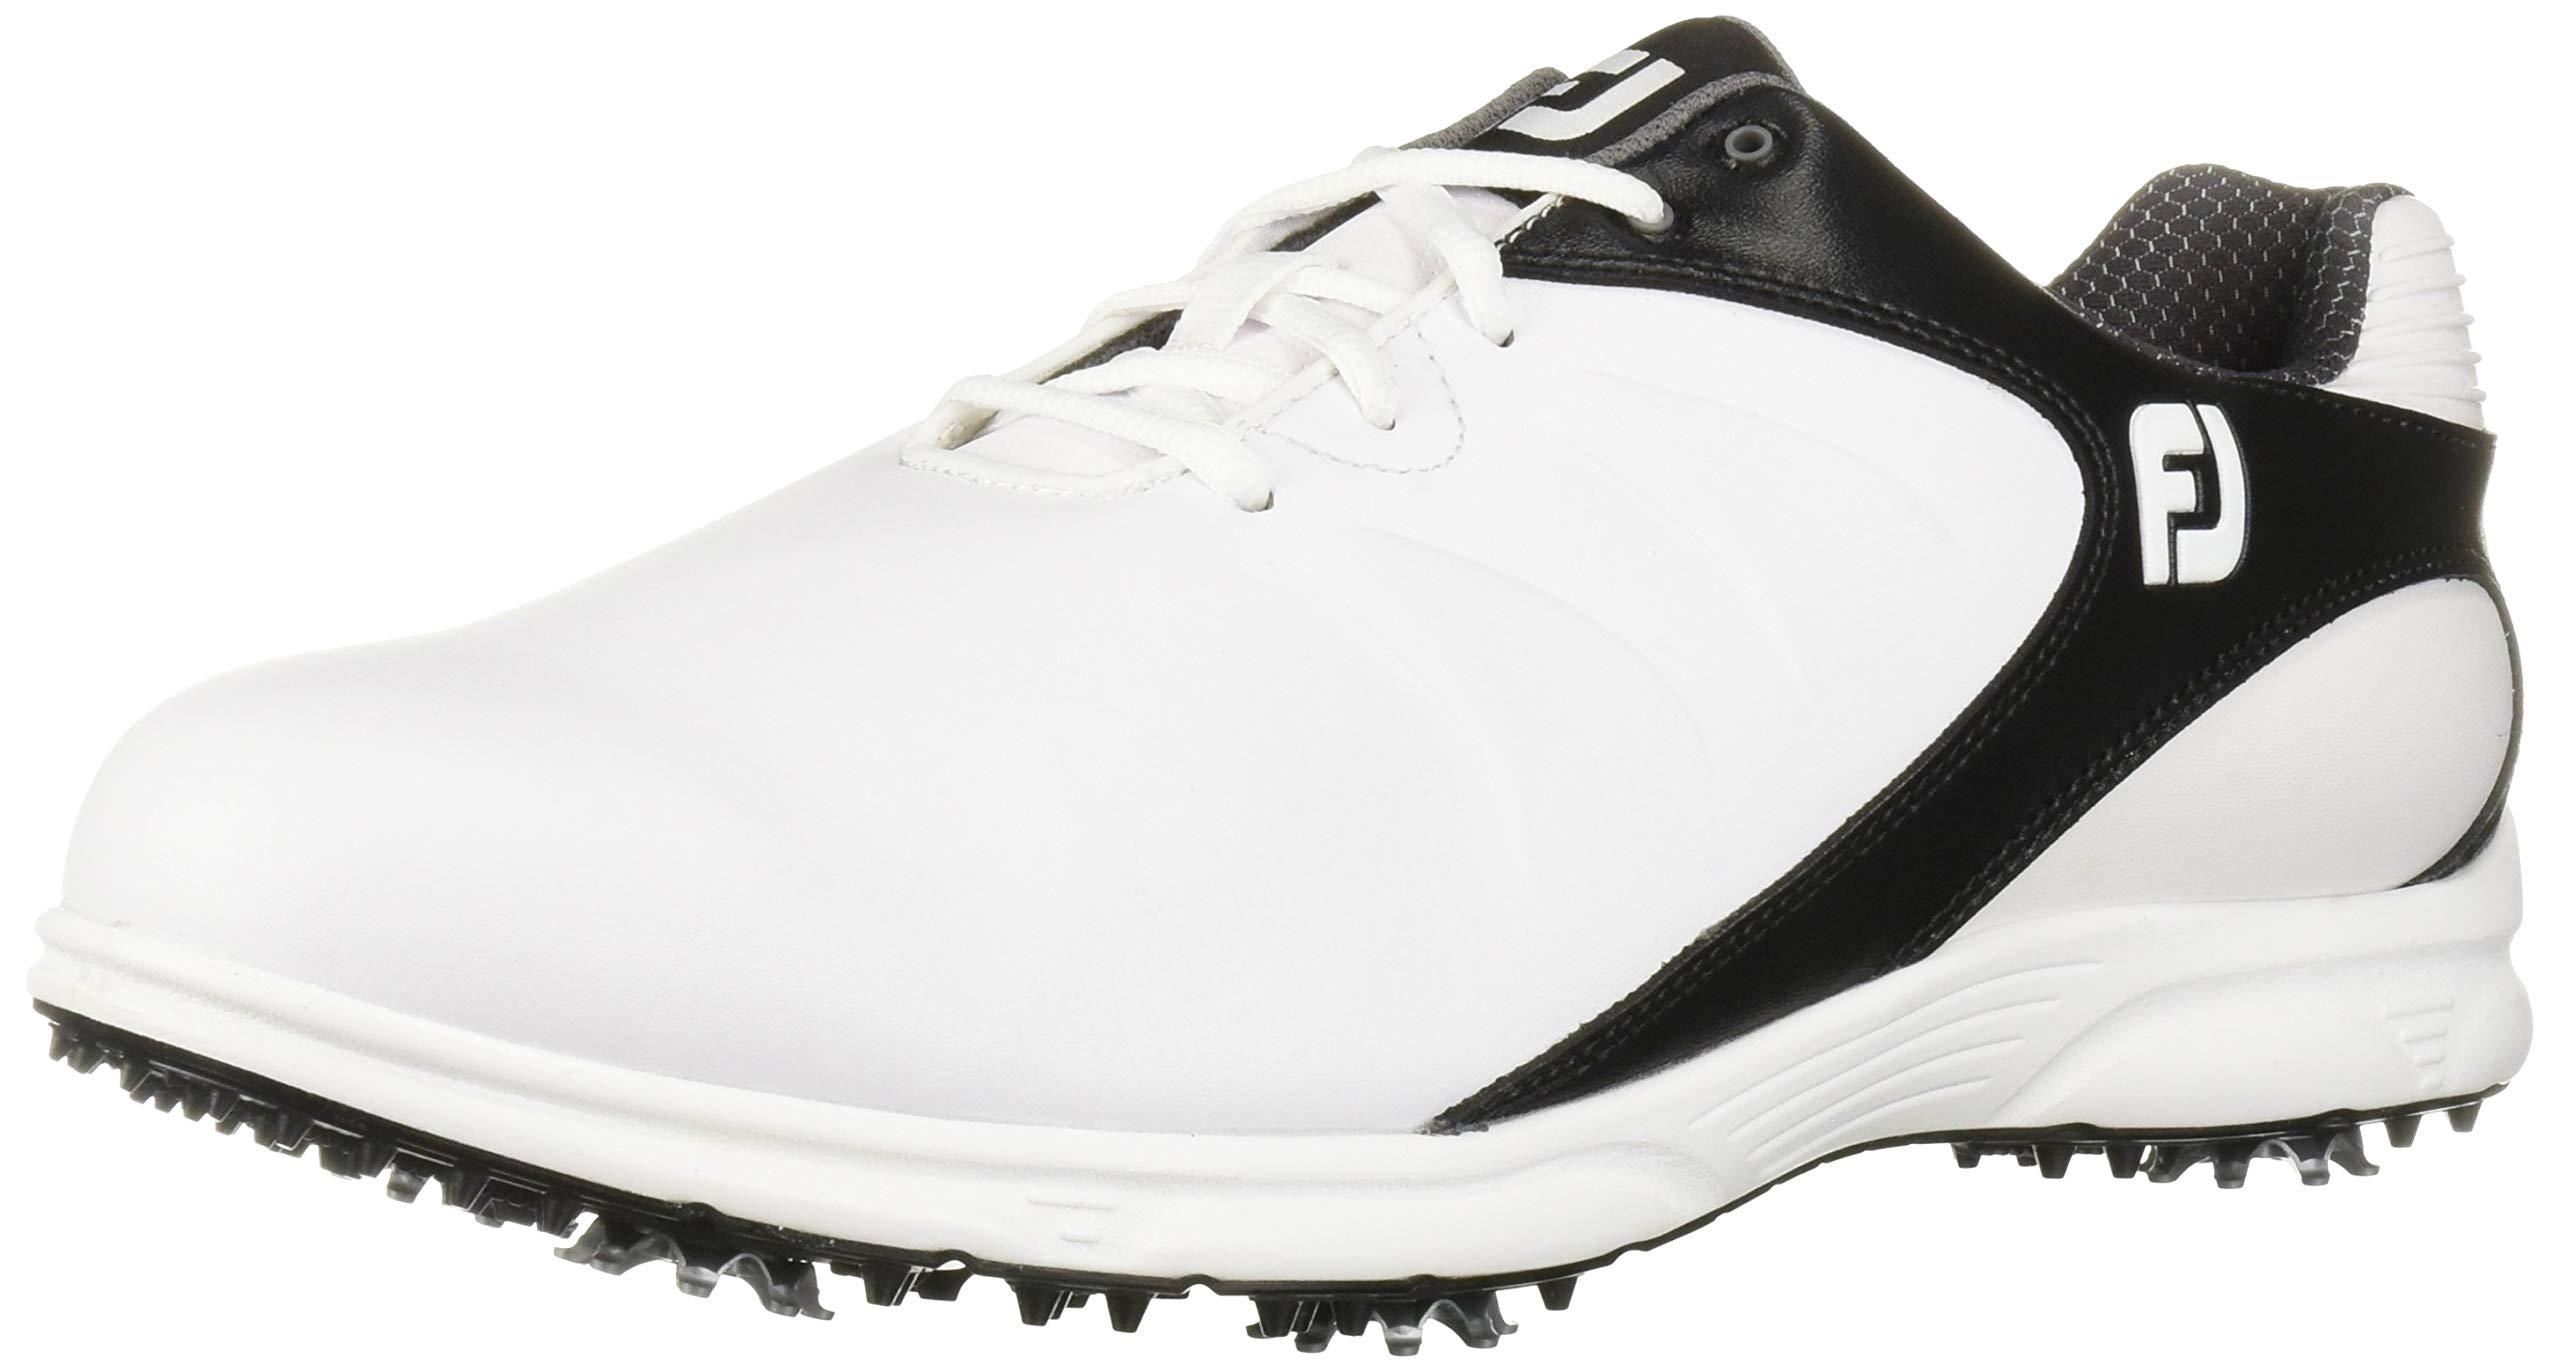 FootJoy Men's ARC XT Golf Shoes, White, 10 W by FootJoy